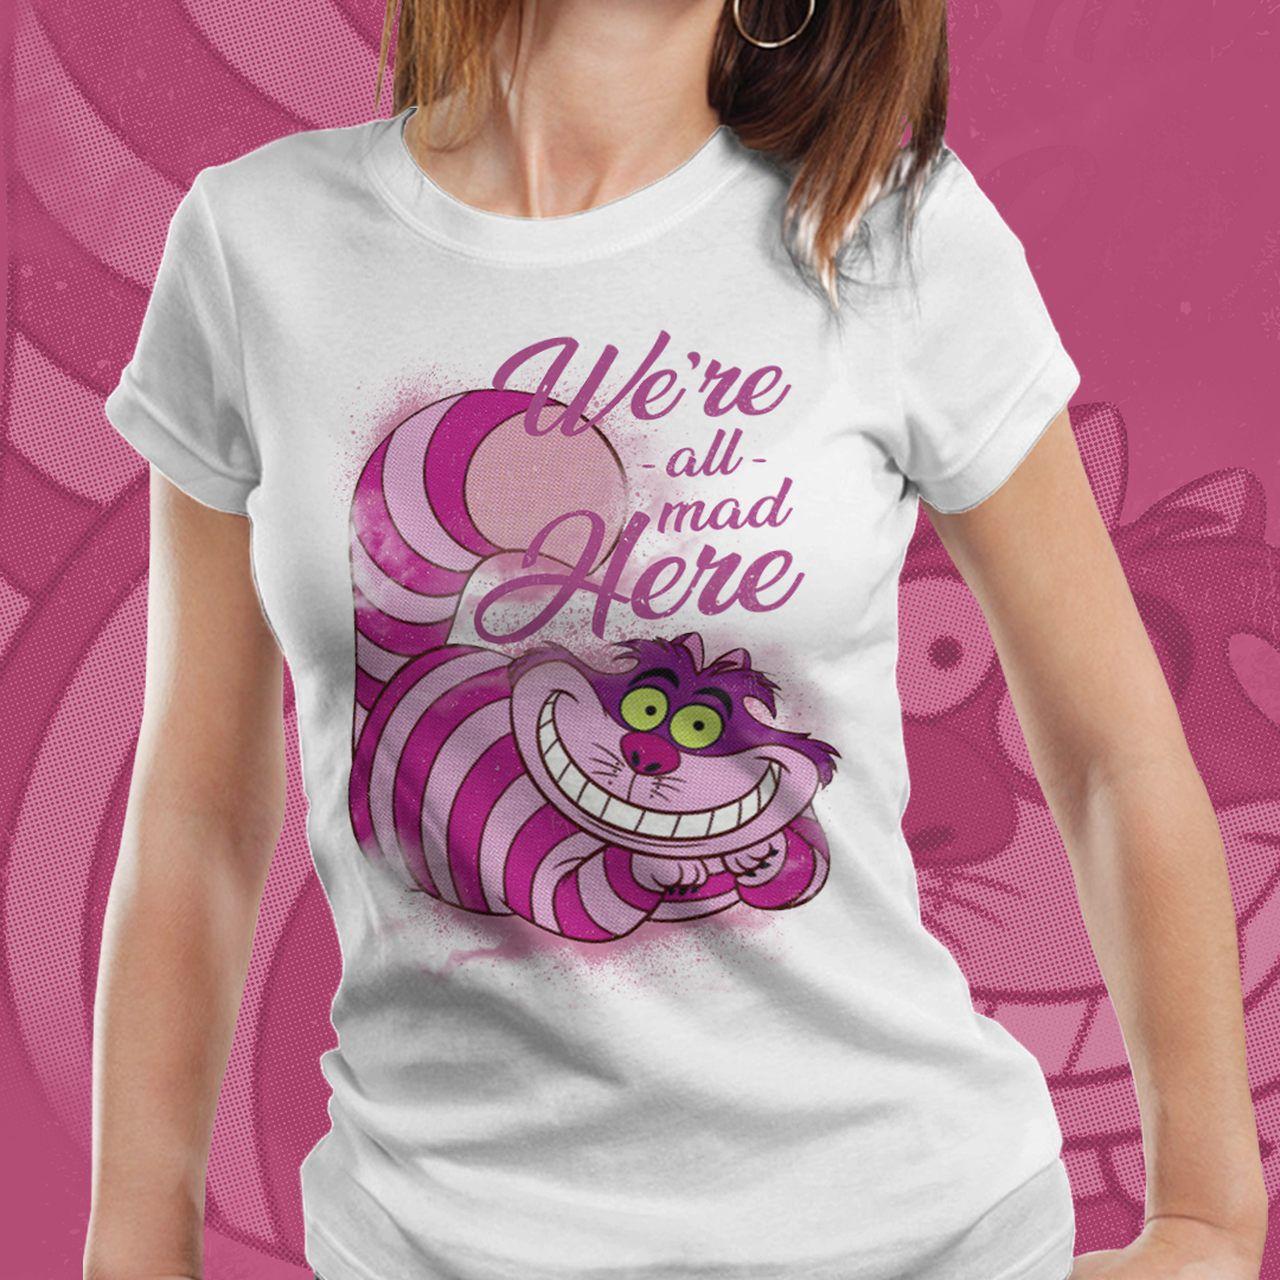 Camiseta Feminina Gato de Cheshire (Cheshire Cat): Alice no País das Maravilhas (Alice in Wonderland)